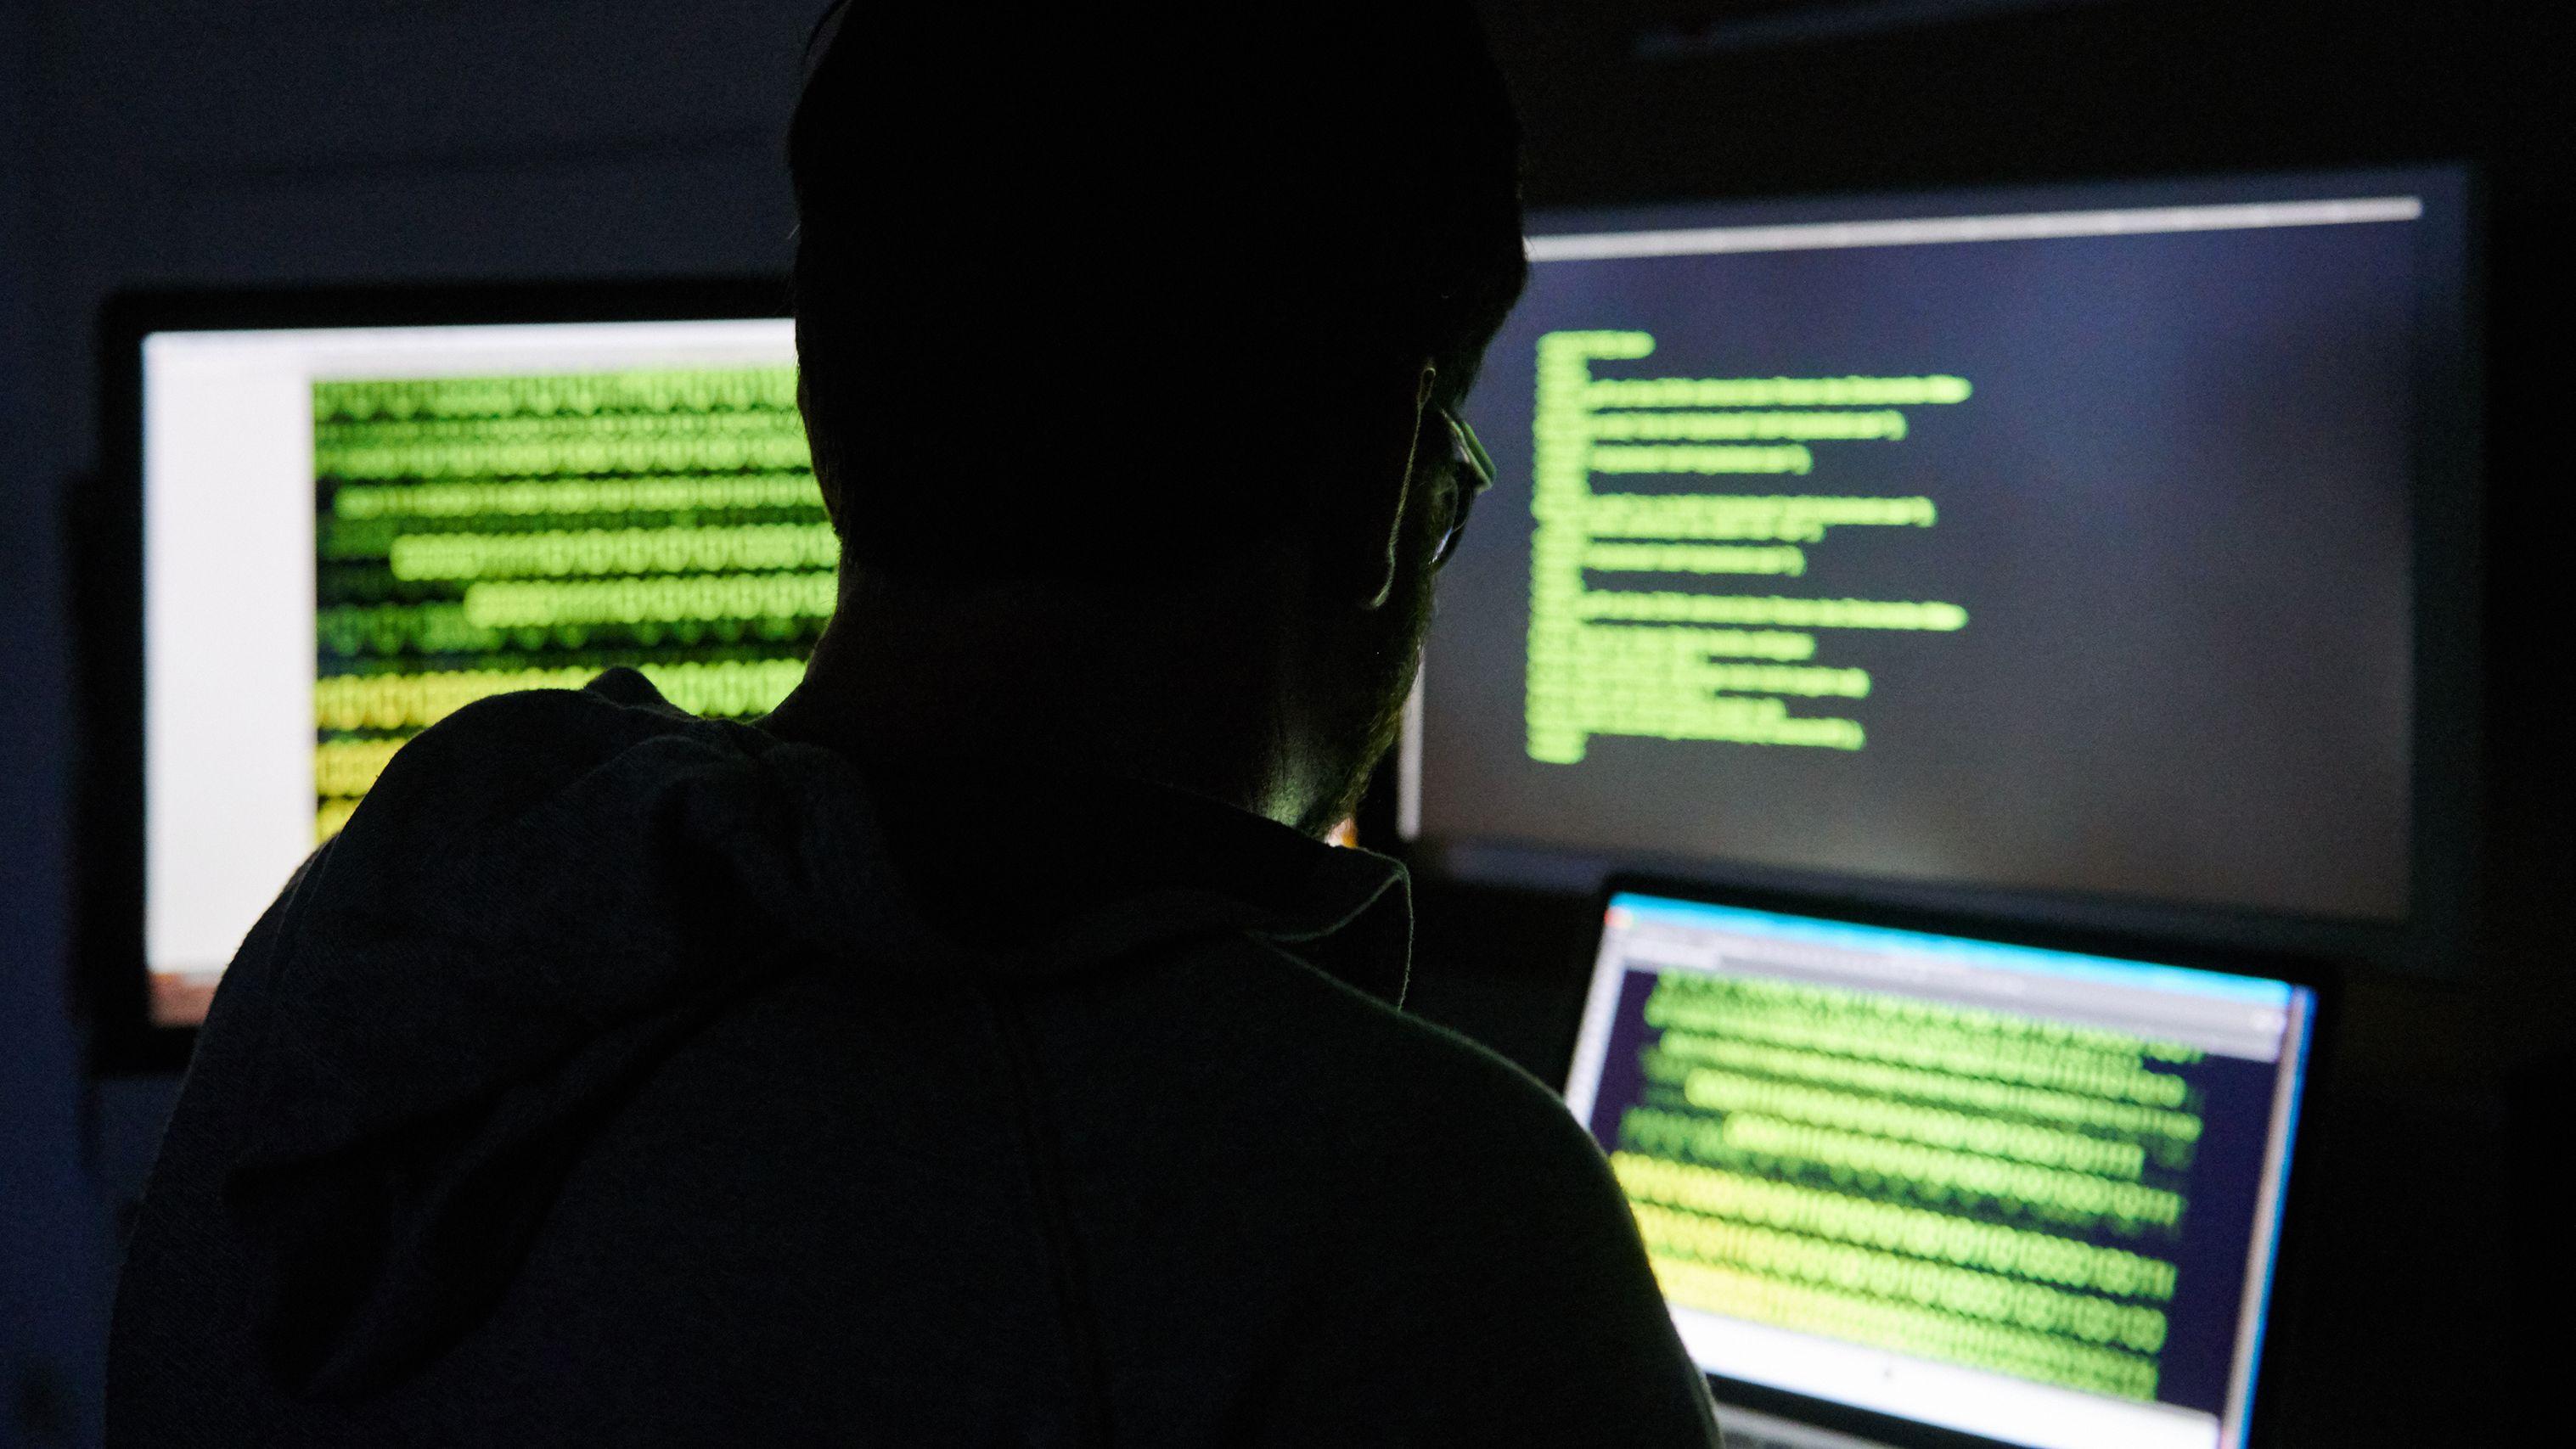 Ein Hacker sitzt im Dunklen vor Bildschirmen.